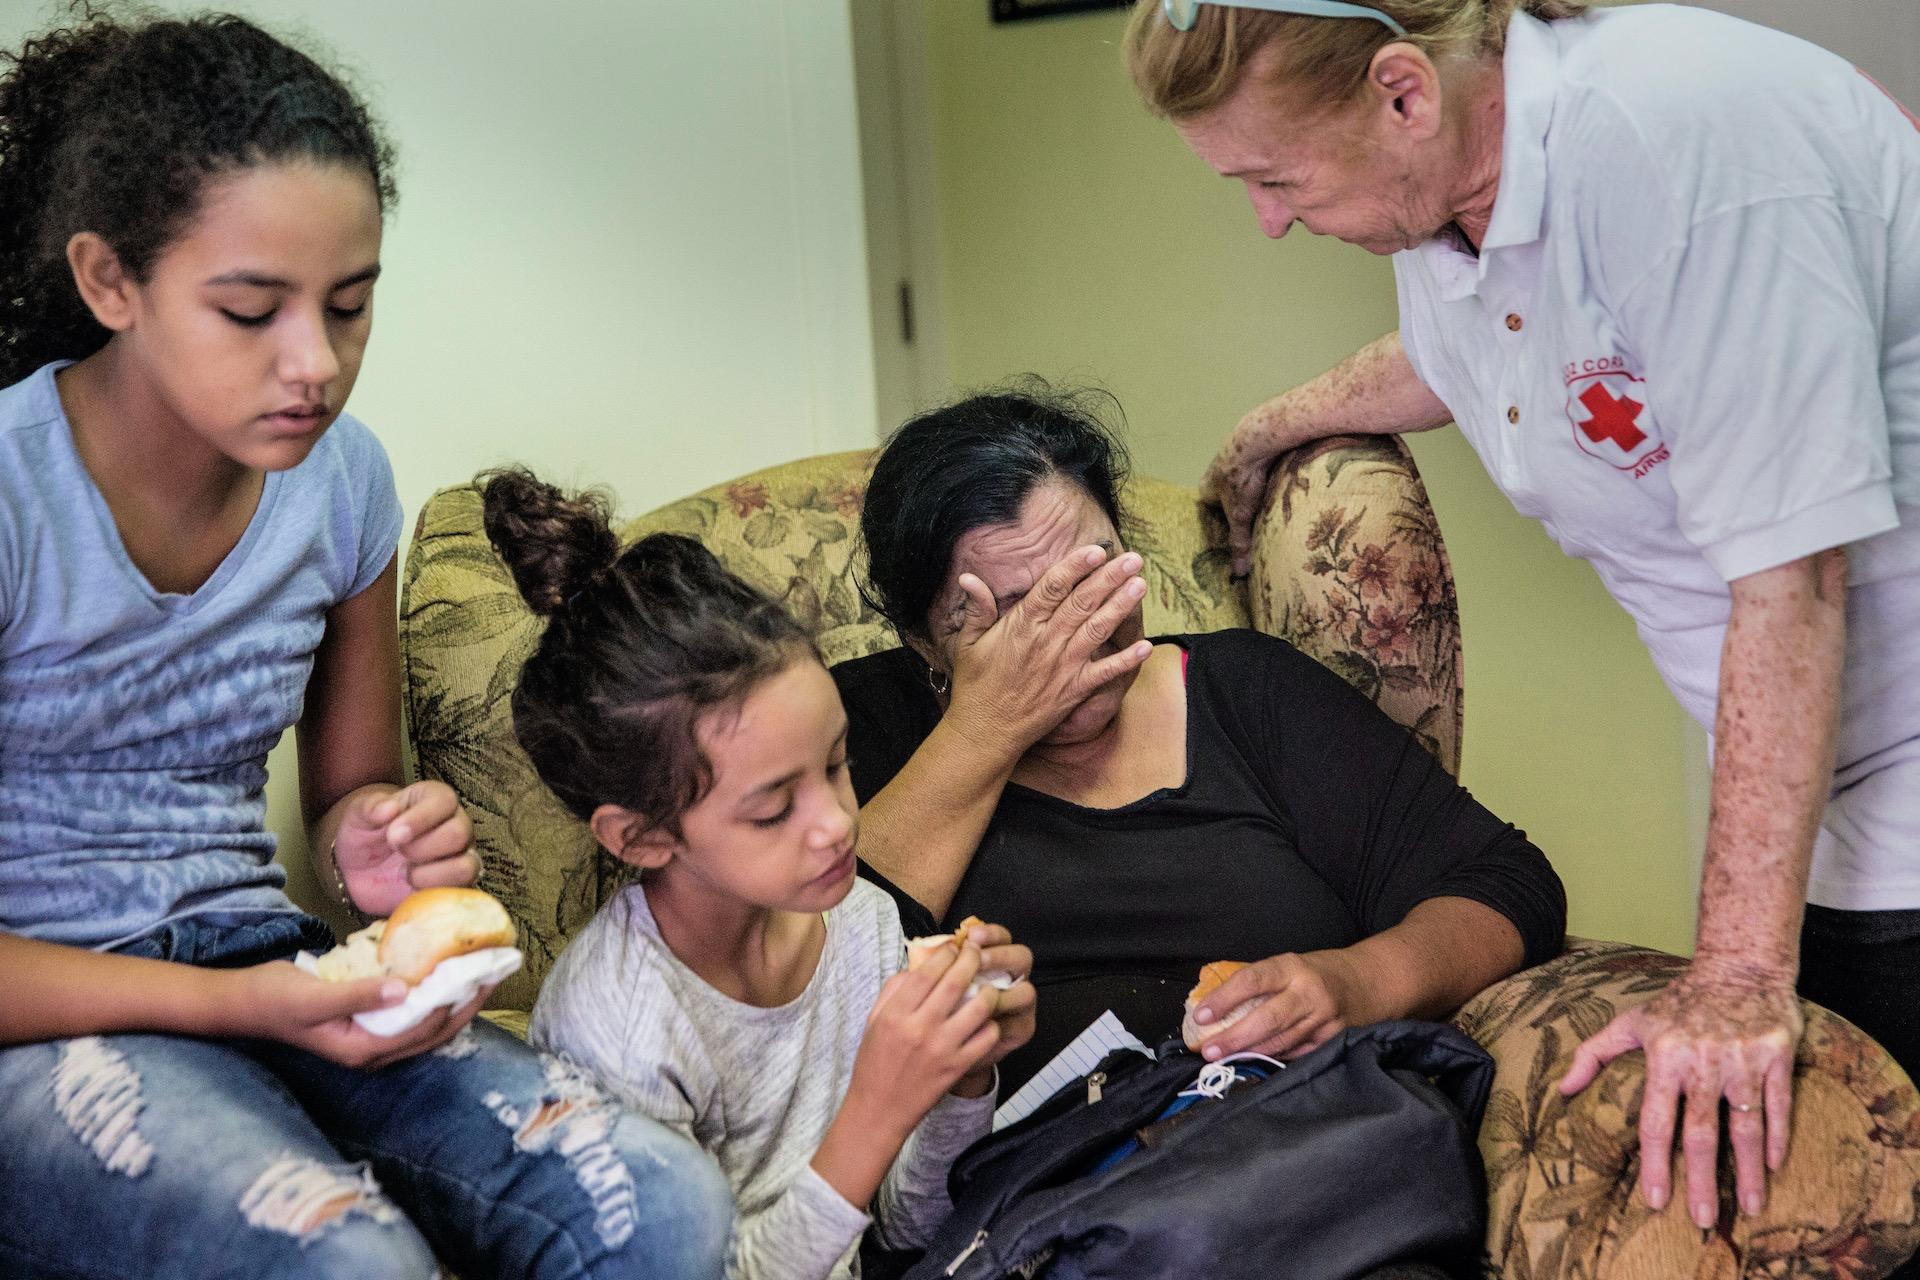 ArubaOma en haar twee kleinkinderen, vluchtelingen uit Venezuela, krijgen wat te eten bij het Rode Kruis. Als er gevraagd wordt hoe het met haar gaat moet ze huilen. De ouders van de kinderen zijn teruggestuurd naar Venezuela. Vluchtelingen uit Venezuela  op Aruba. Sommigen zijn gevlucht, omdat de omstandigheden in Venezuela niet meer leefbaar zijn vanwege economische redenen. Anderen vanwege politieke redenen en zeggen dat zij vrezen voor hun leven in Venezuela.